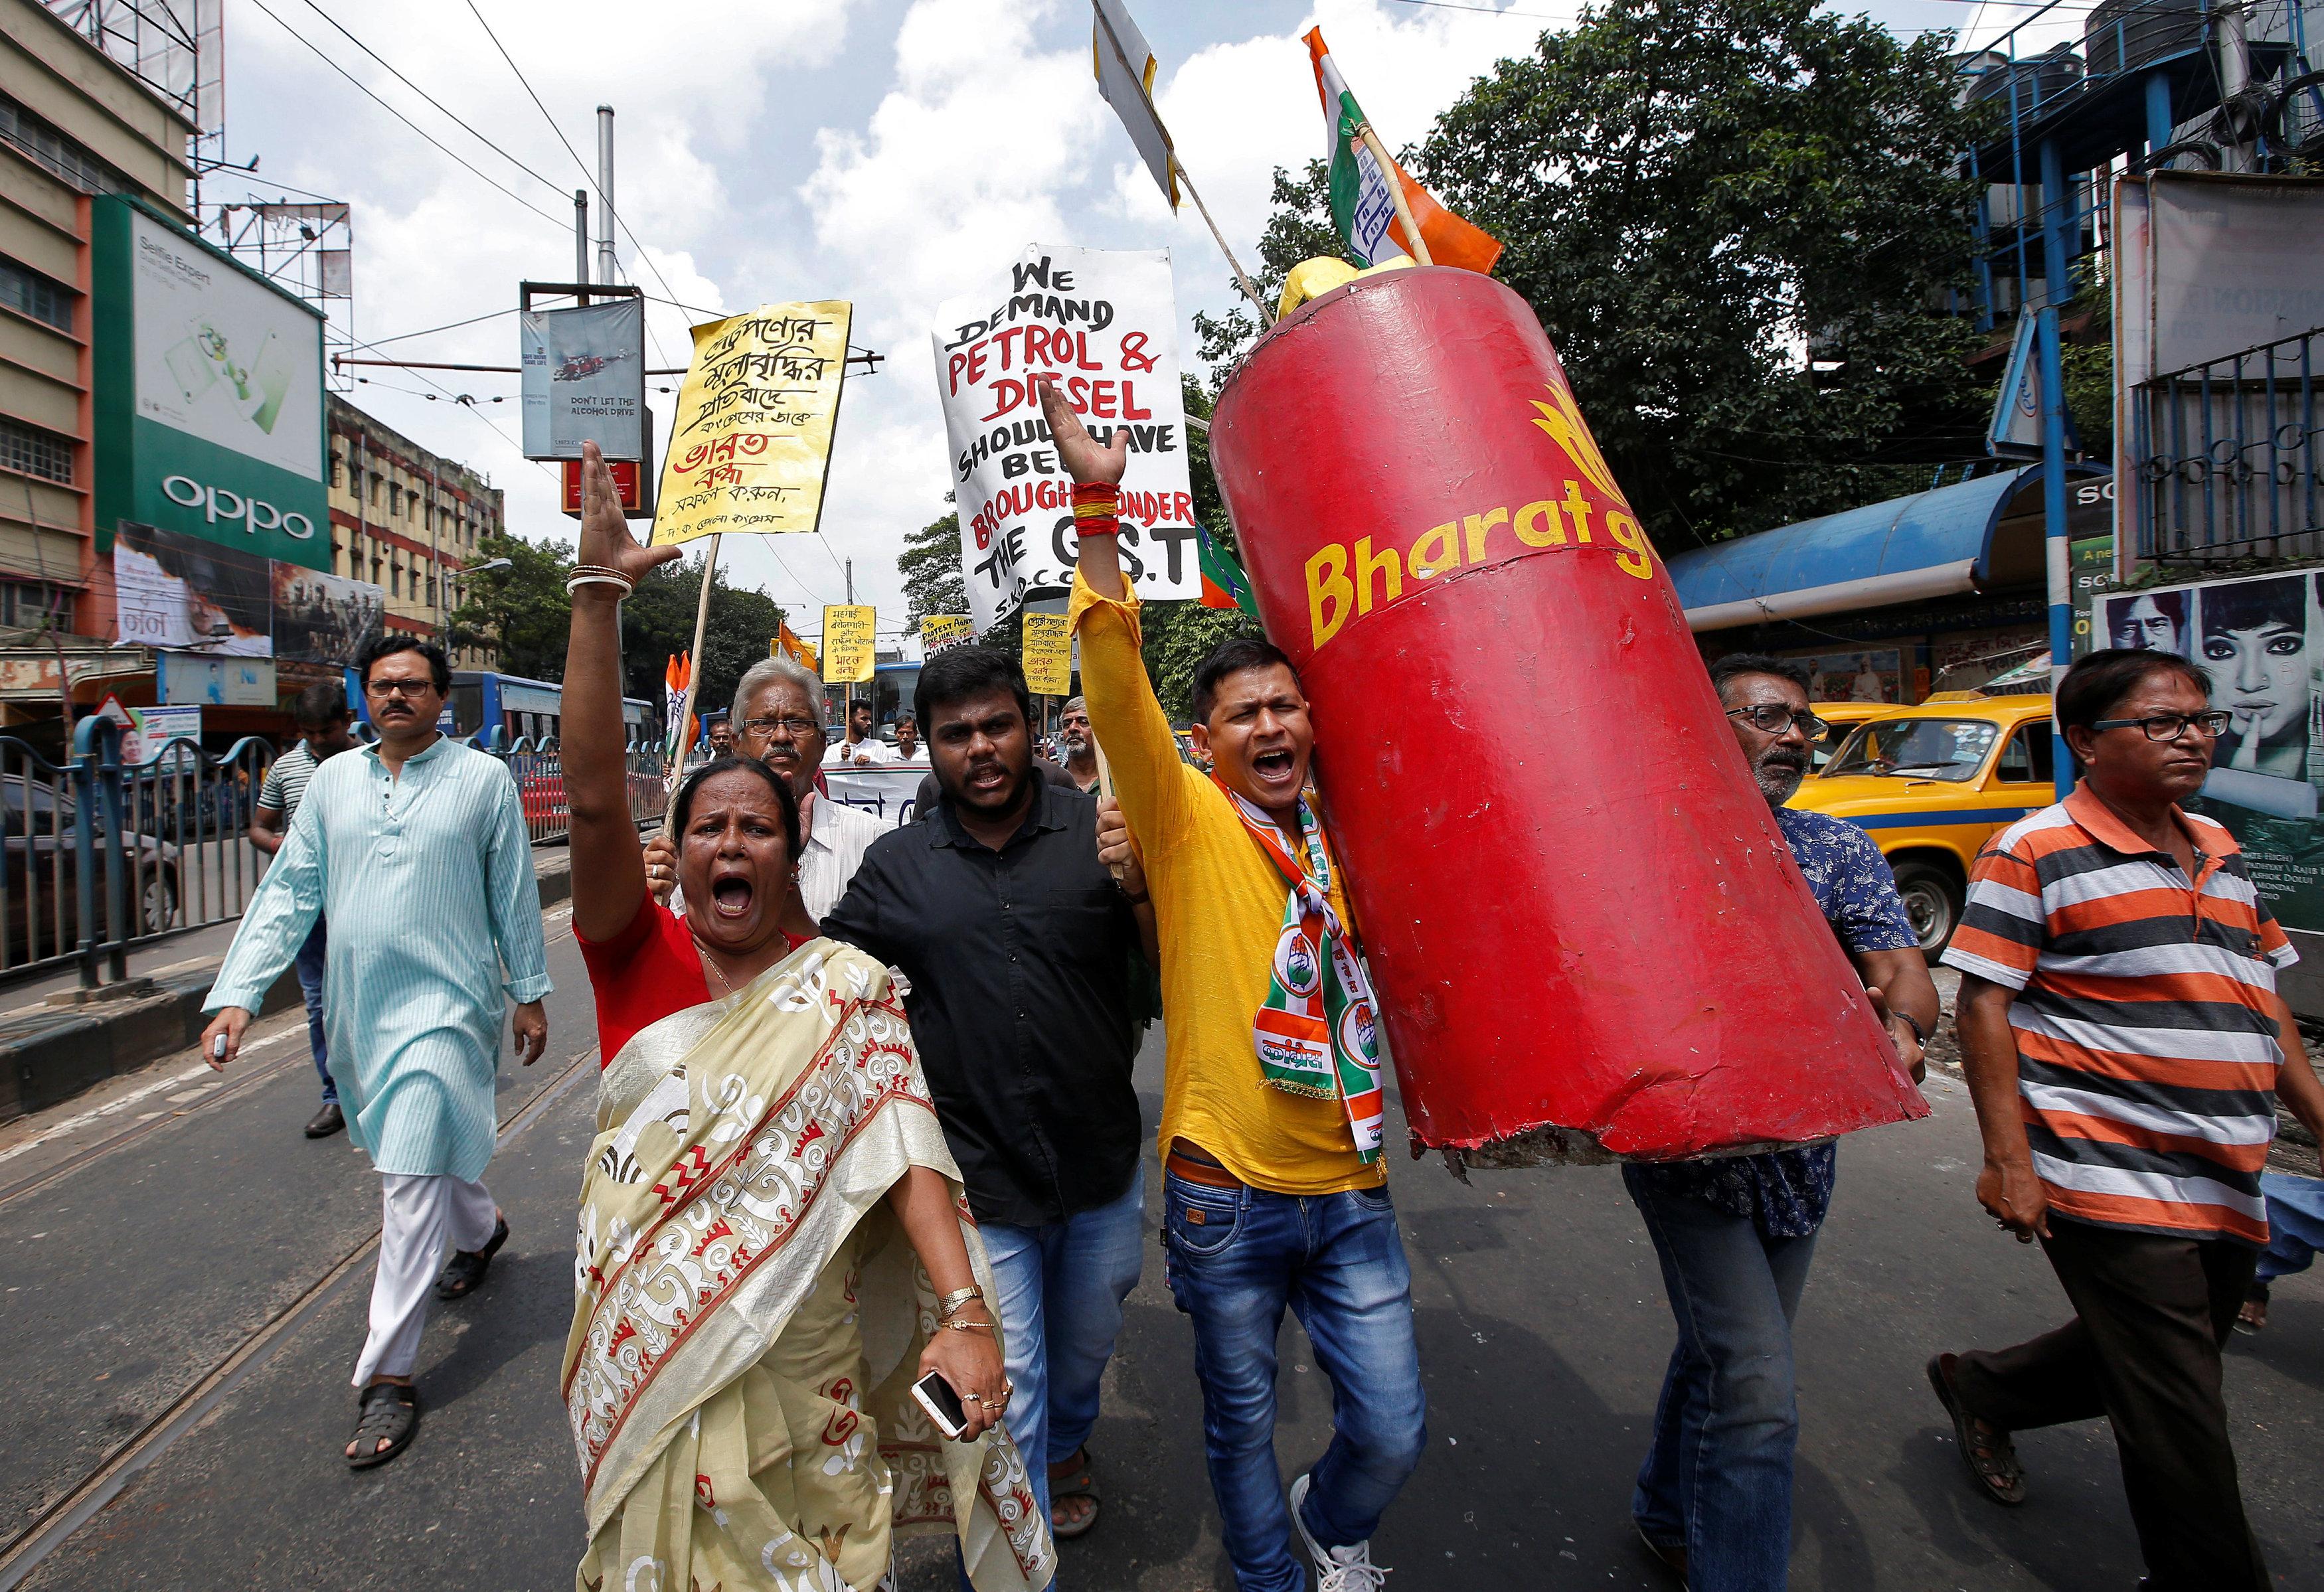 المعارضين فى الهند يهتفون بشعارات مناهضة للحكومة وهم يحملون نموذجا لأسطوانة غاز البترول المسال